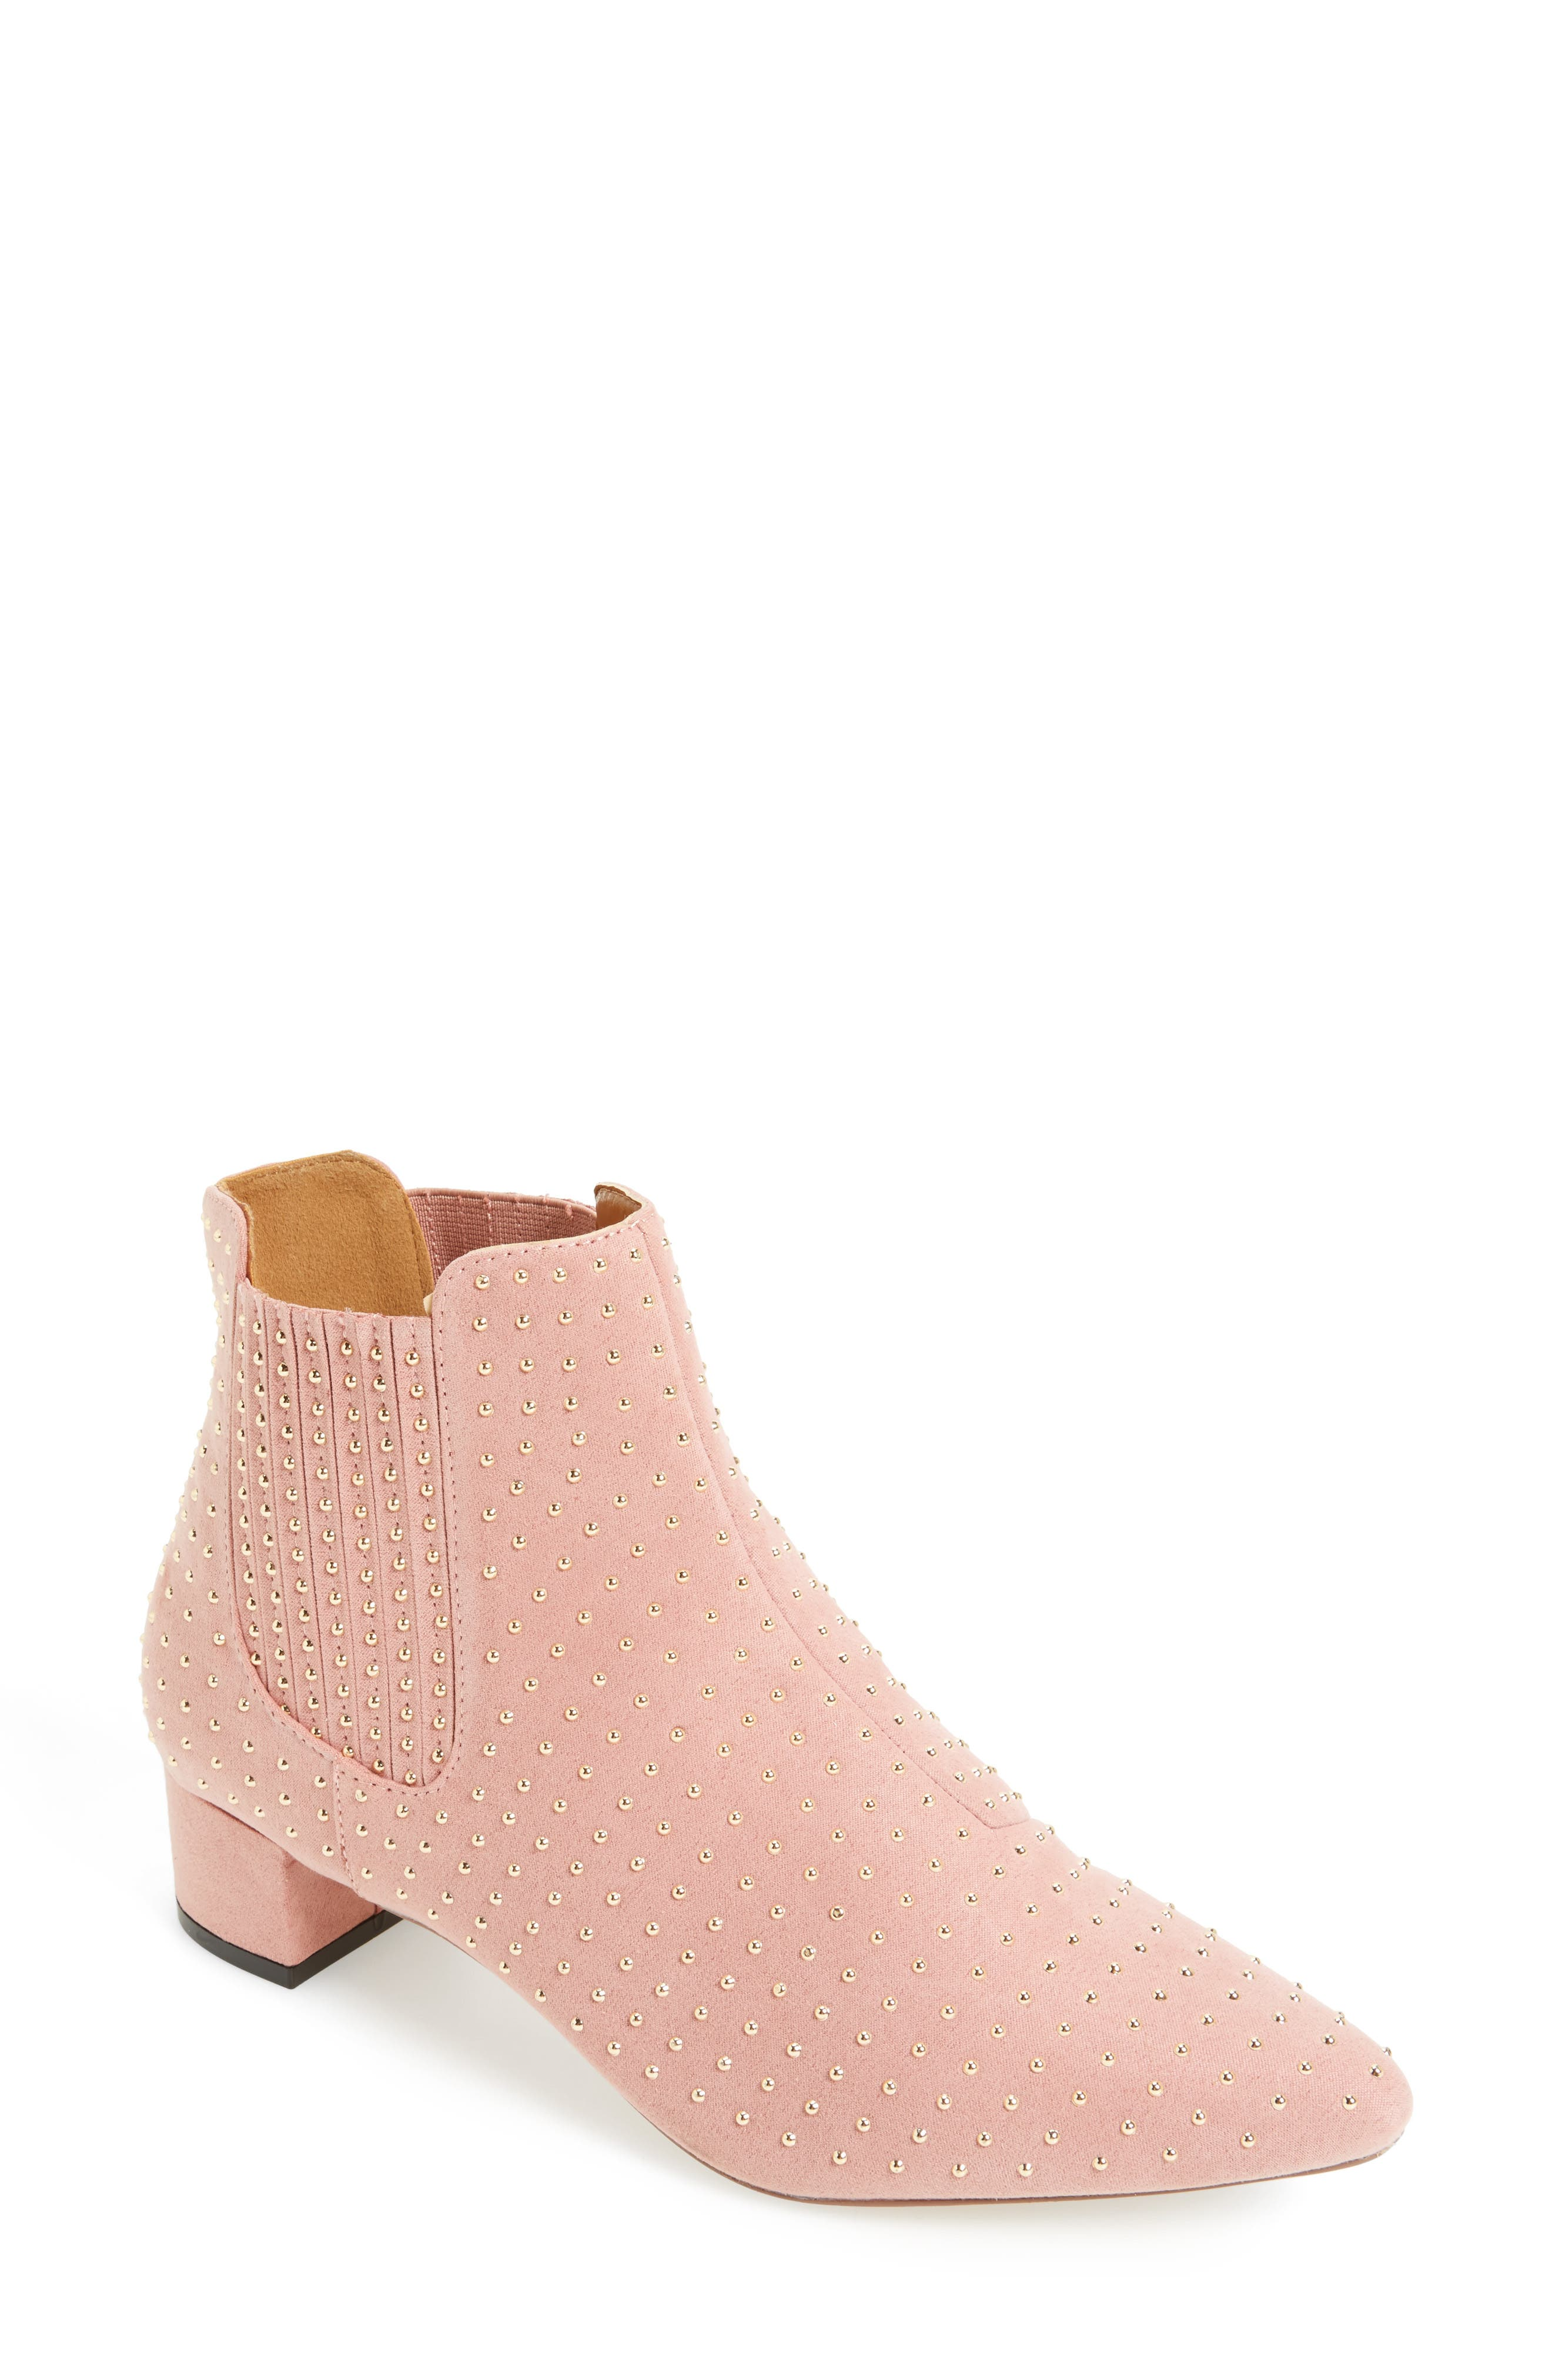 Main Image - Topshop Killer Studded Chelsea Boot (Women)